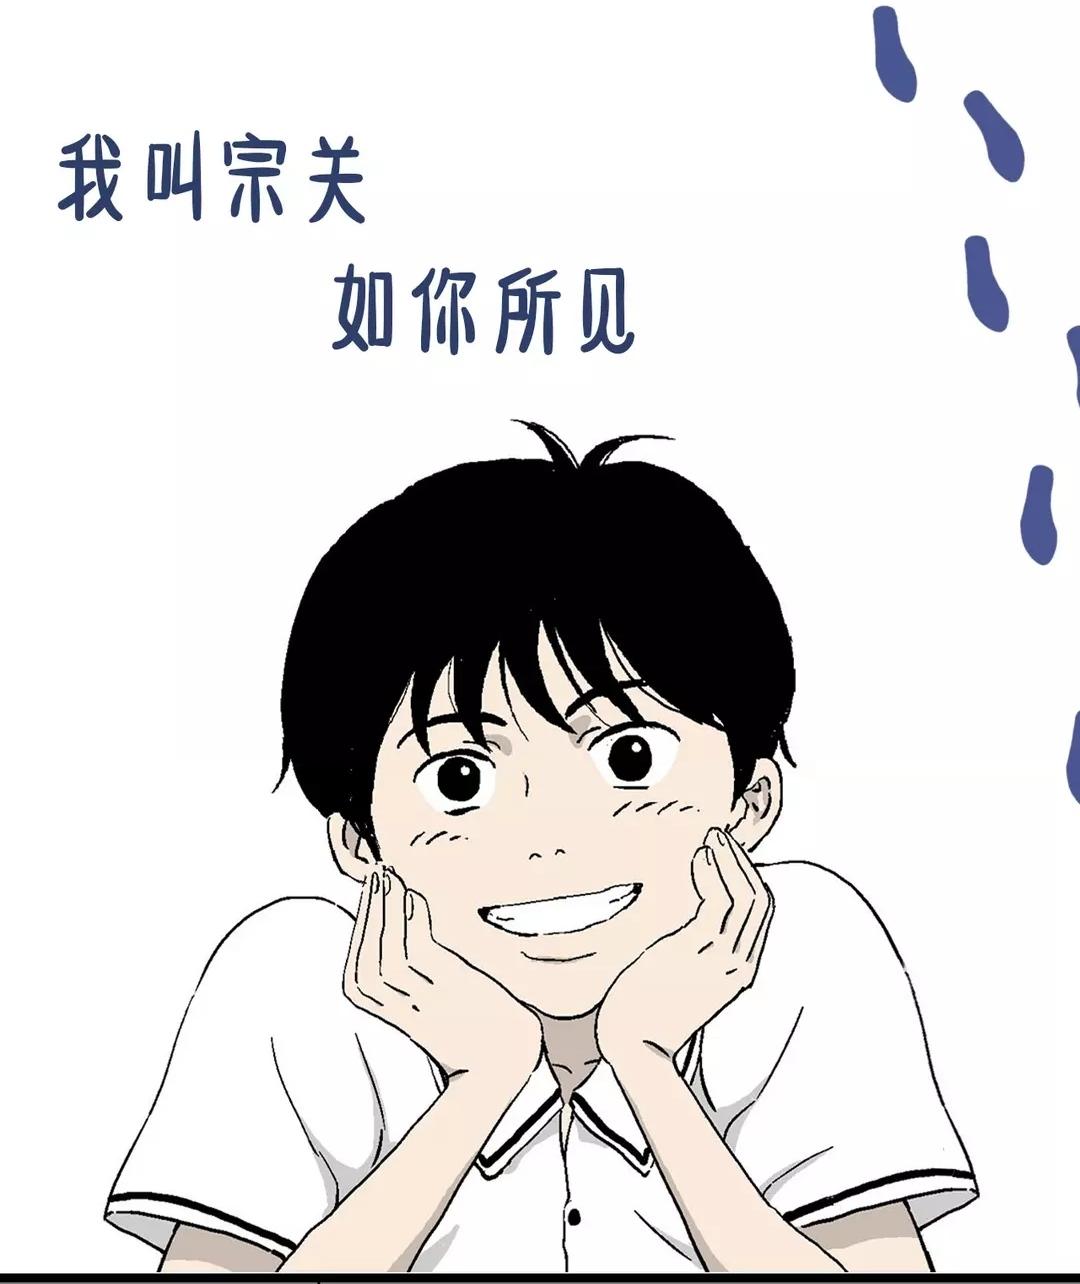 【漫画】〈我叫宗关,如你所见〉小清新漫画《漫画一生》